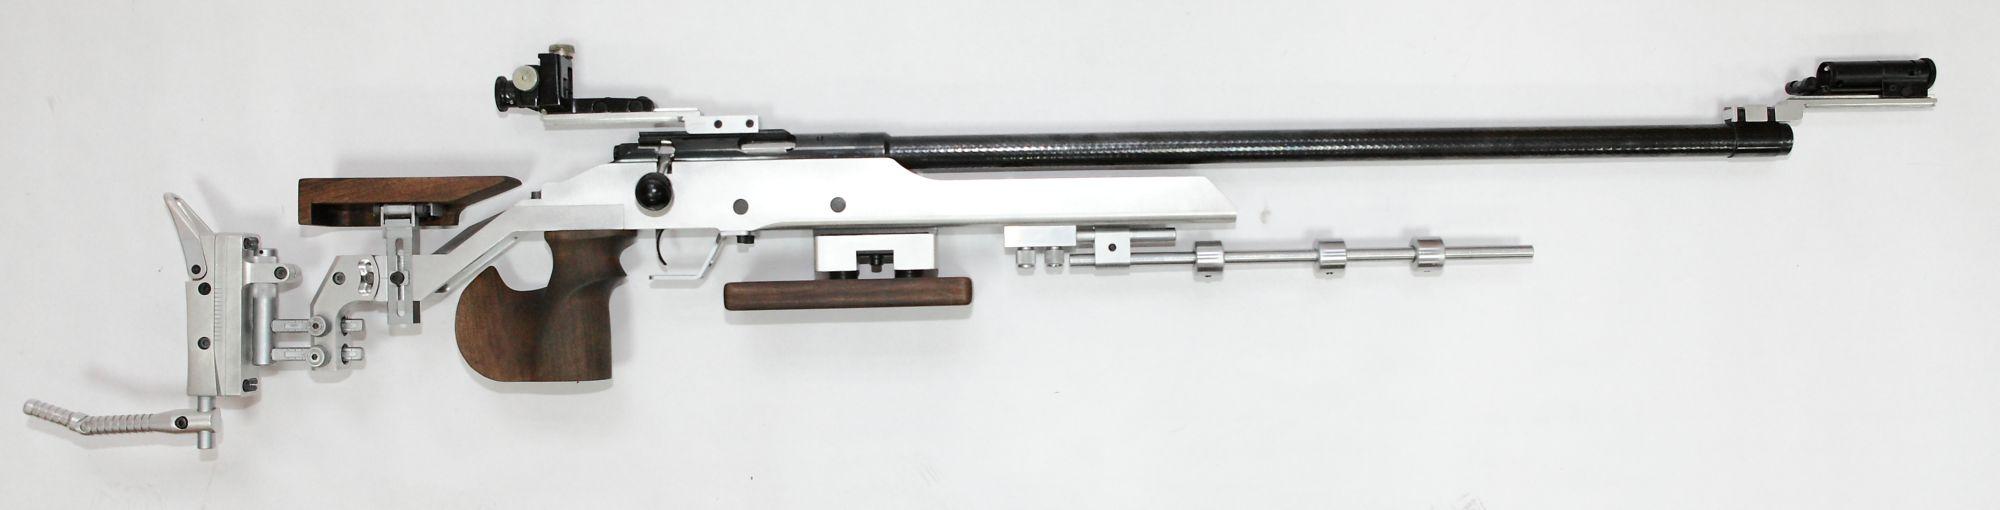 Винтовка для пулевой стрельбы «Урал-5-1» с алюминиевой ложей. Фото: Пресс-служба ОАО «Ижмаш».